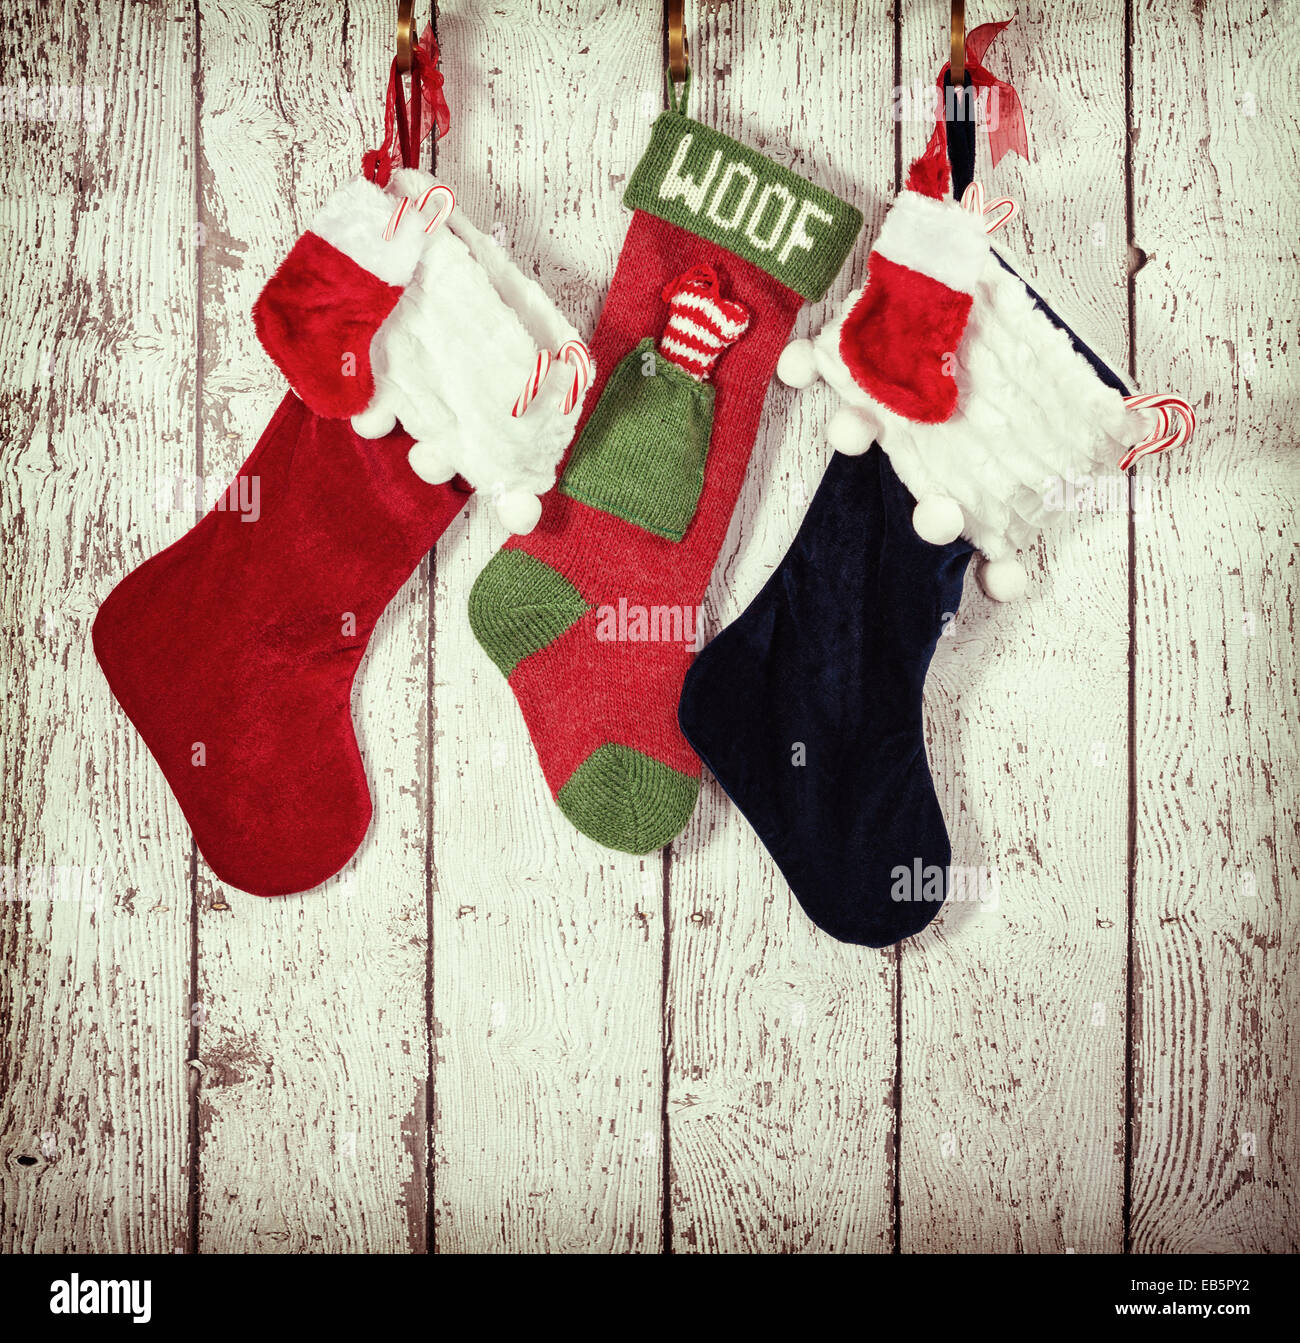 Calcetines de Navidad colgando contra el fondo de madera rústica Imagen De Stock